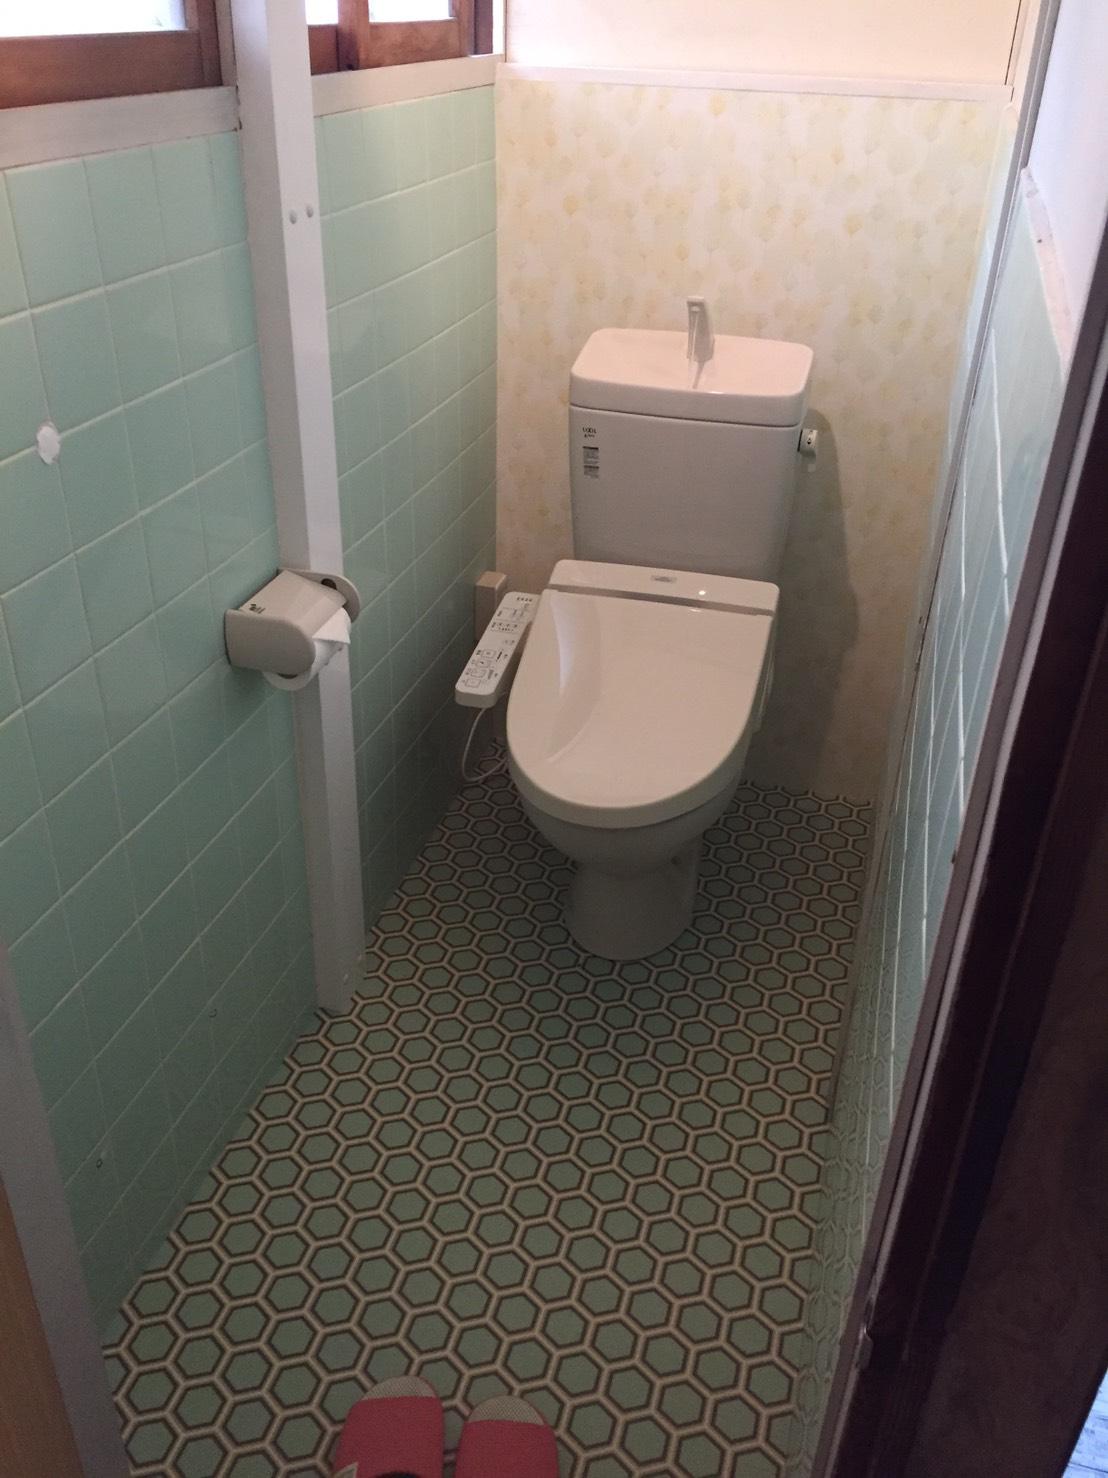 西条市 和式トイレから洋式ウォシュレットトイレにリフォーム 施工後